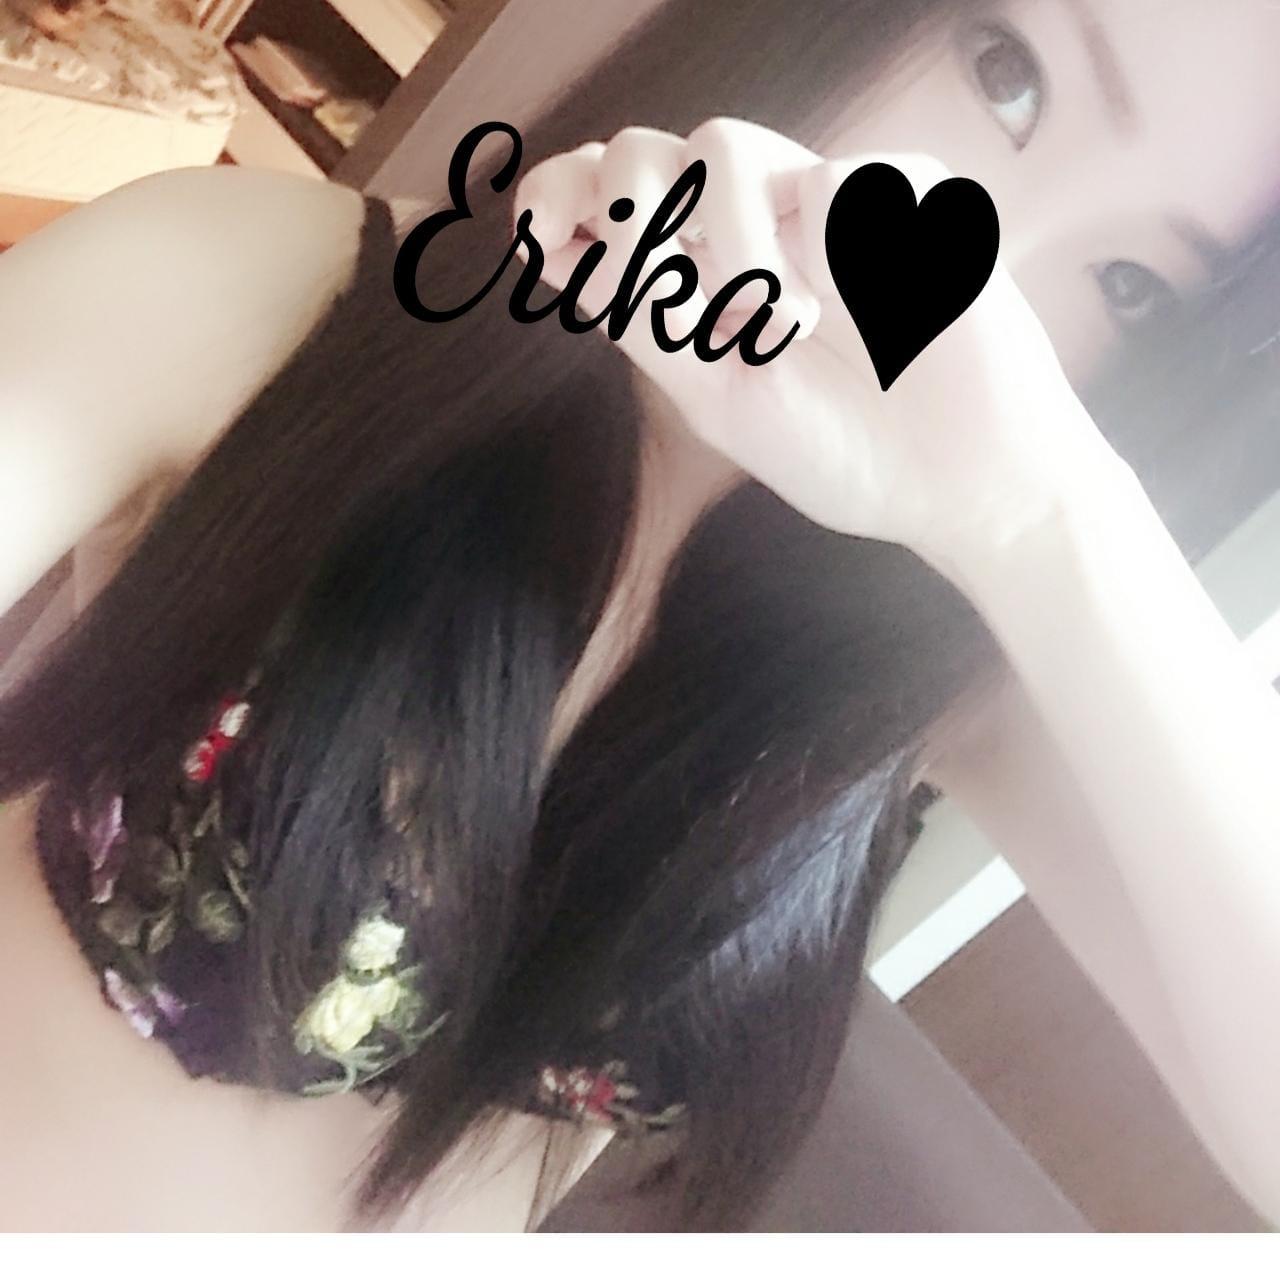 「ありがとう?」09/24(月) 00:08 | Erikaの写メ・風俗動画